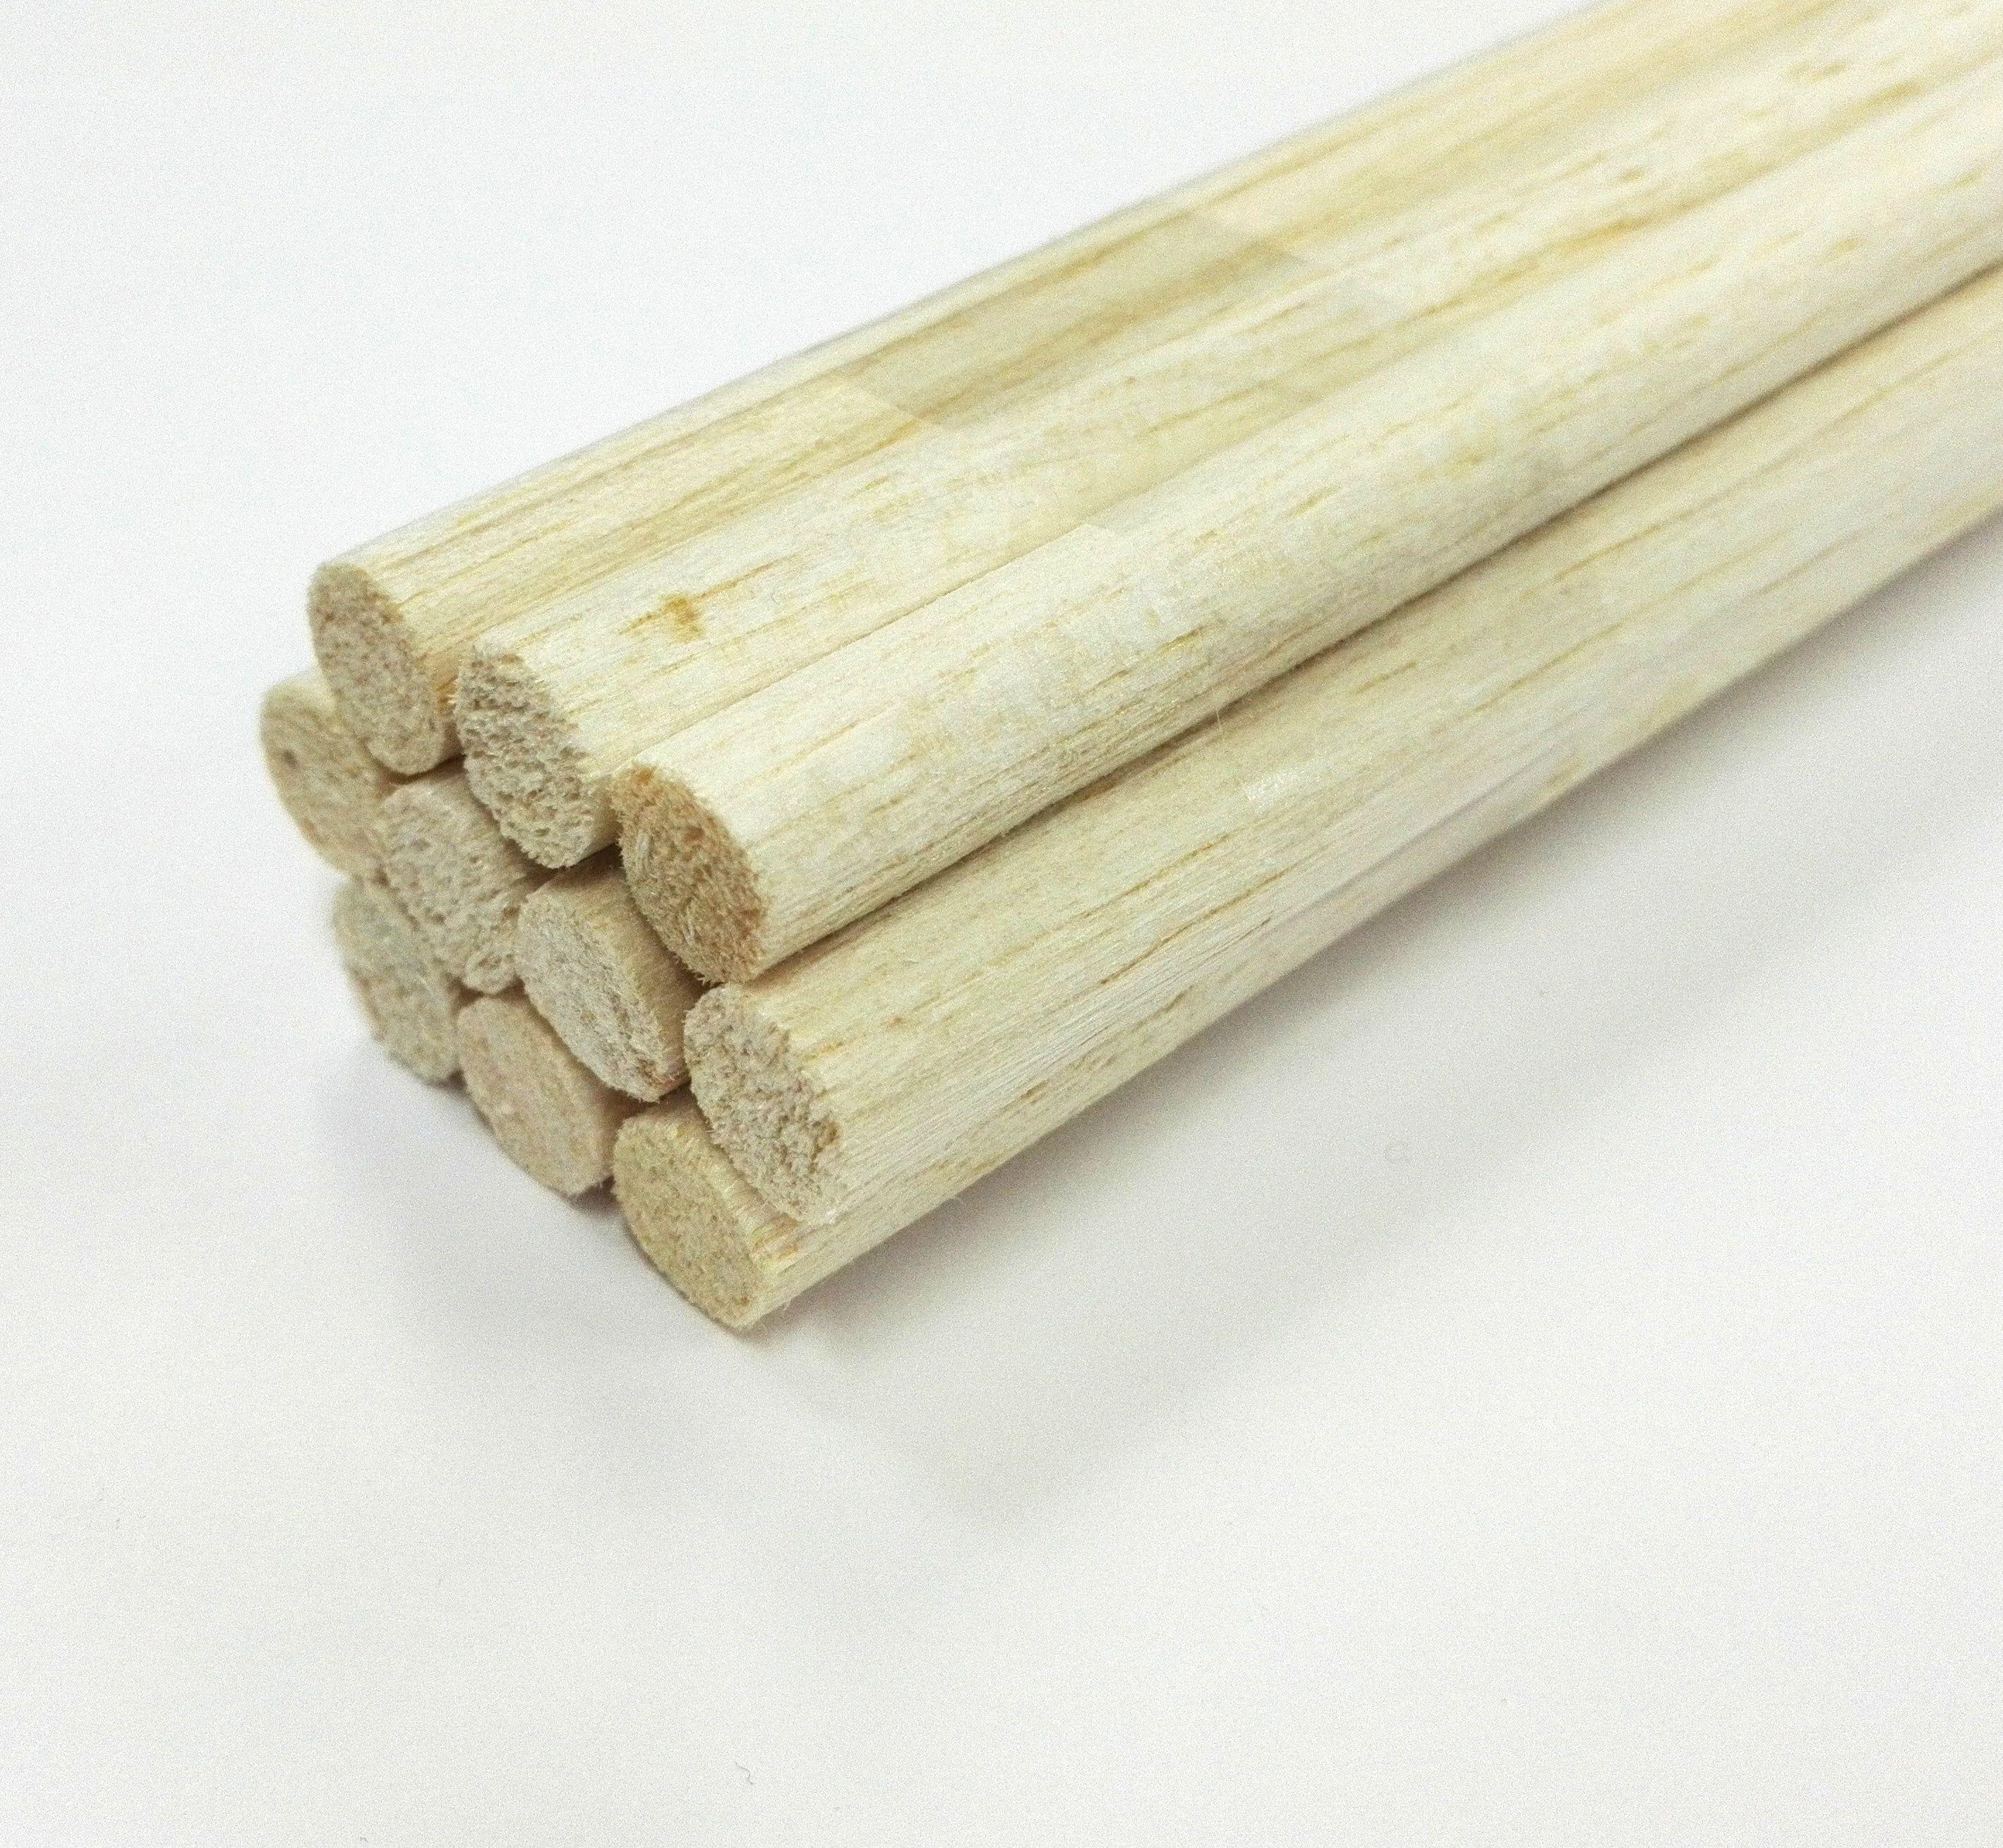 Balsa Dowels 457mm long